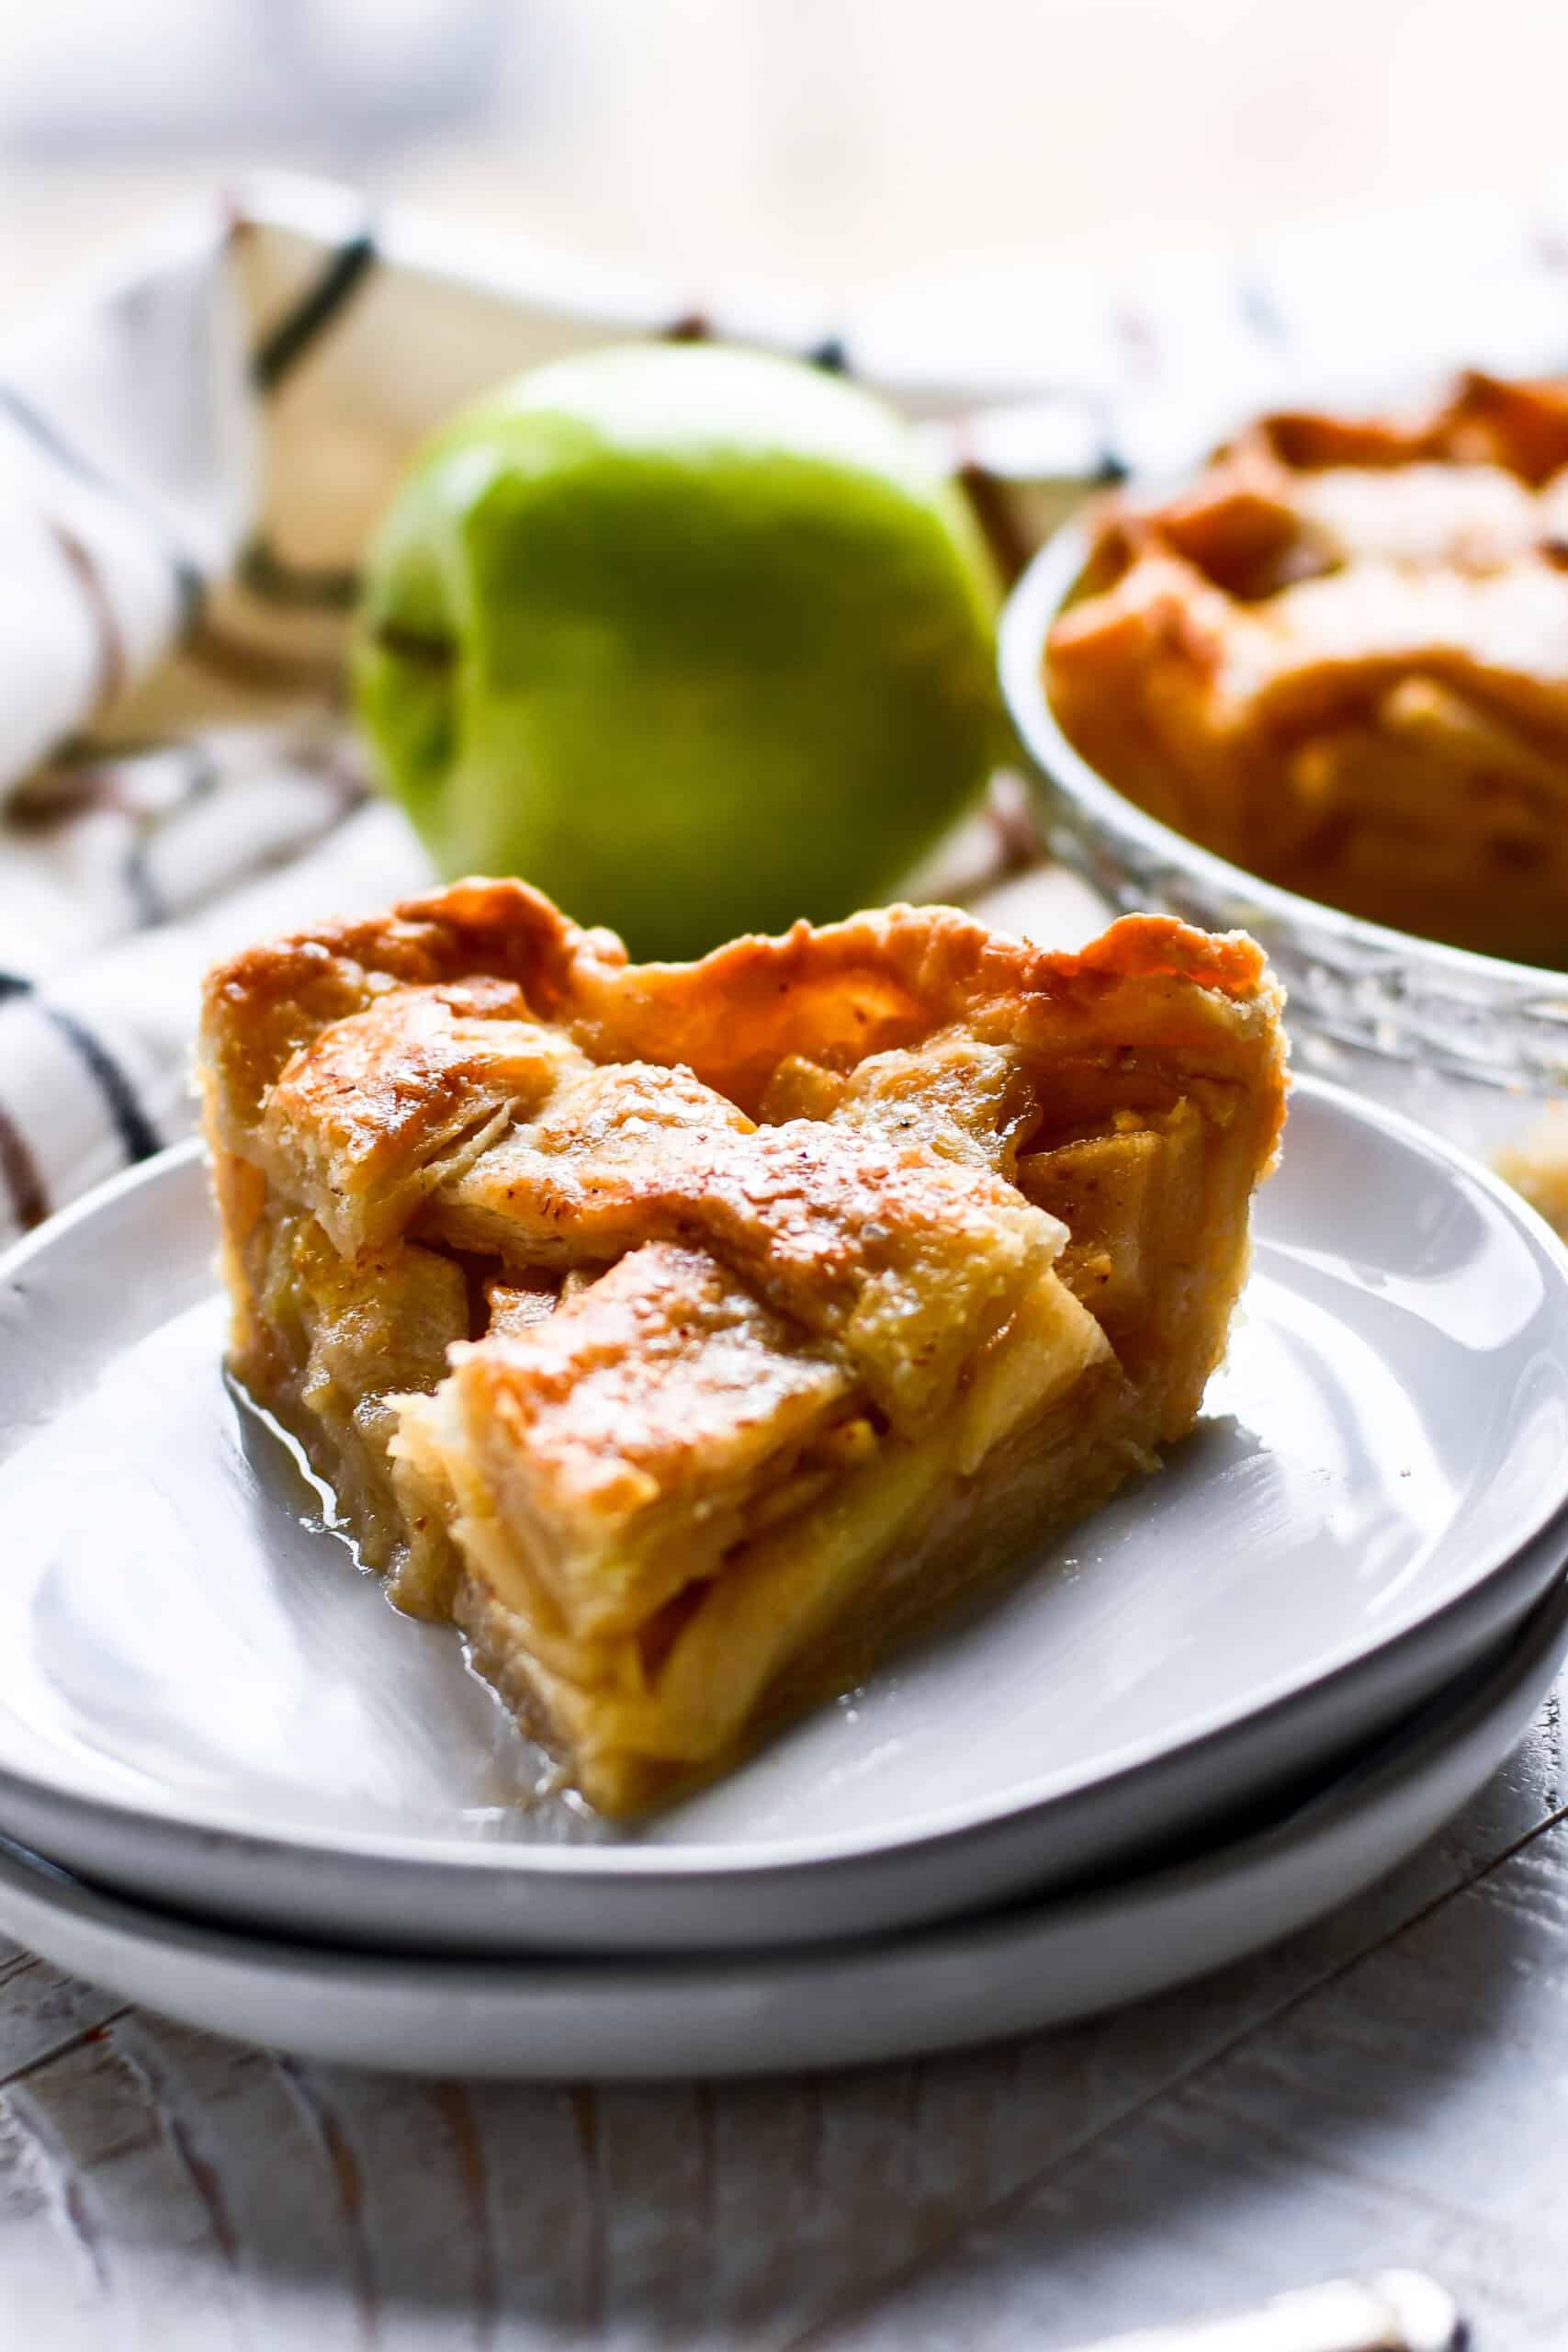 Paula Deen's Apple Pie Recipe